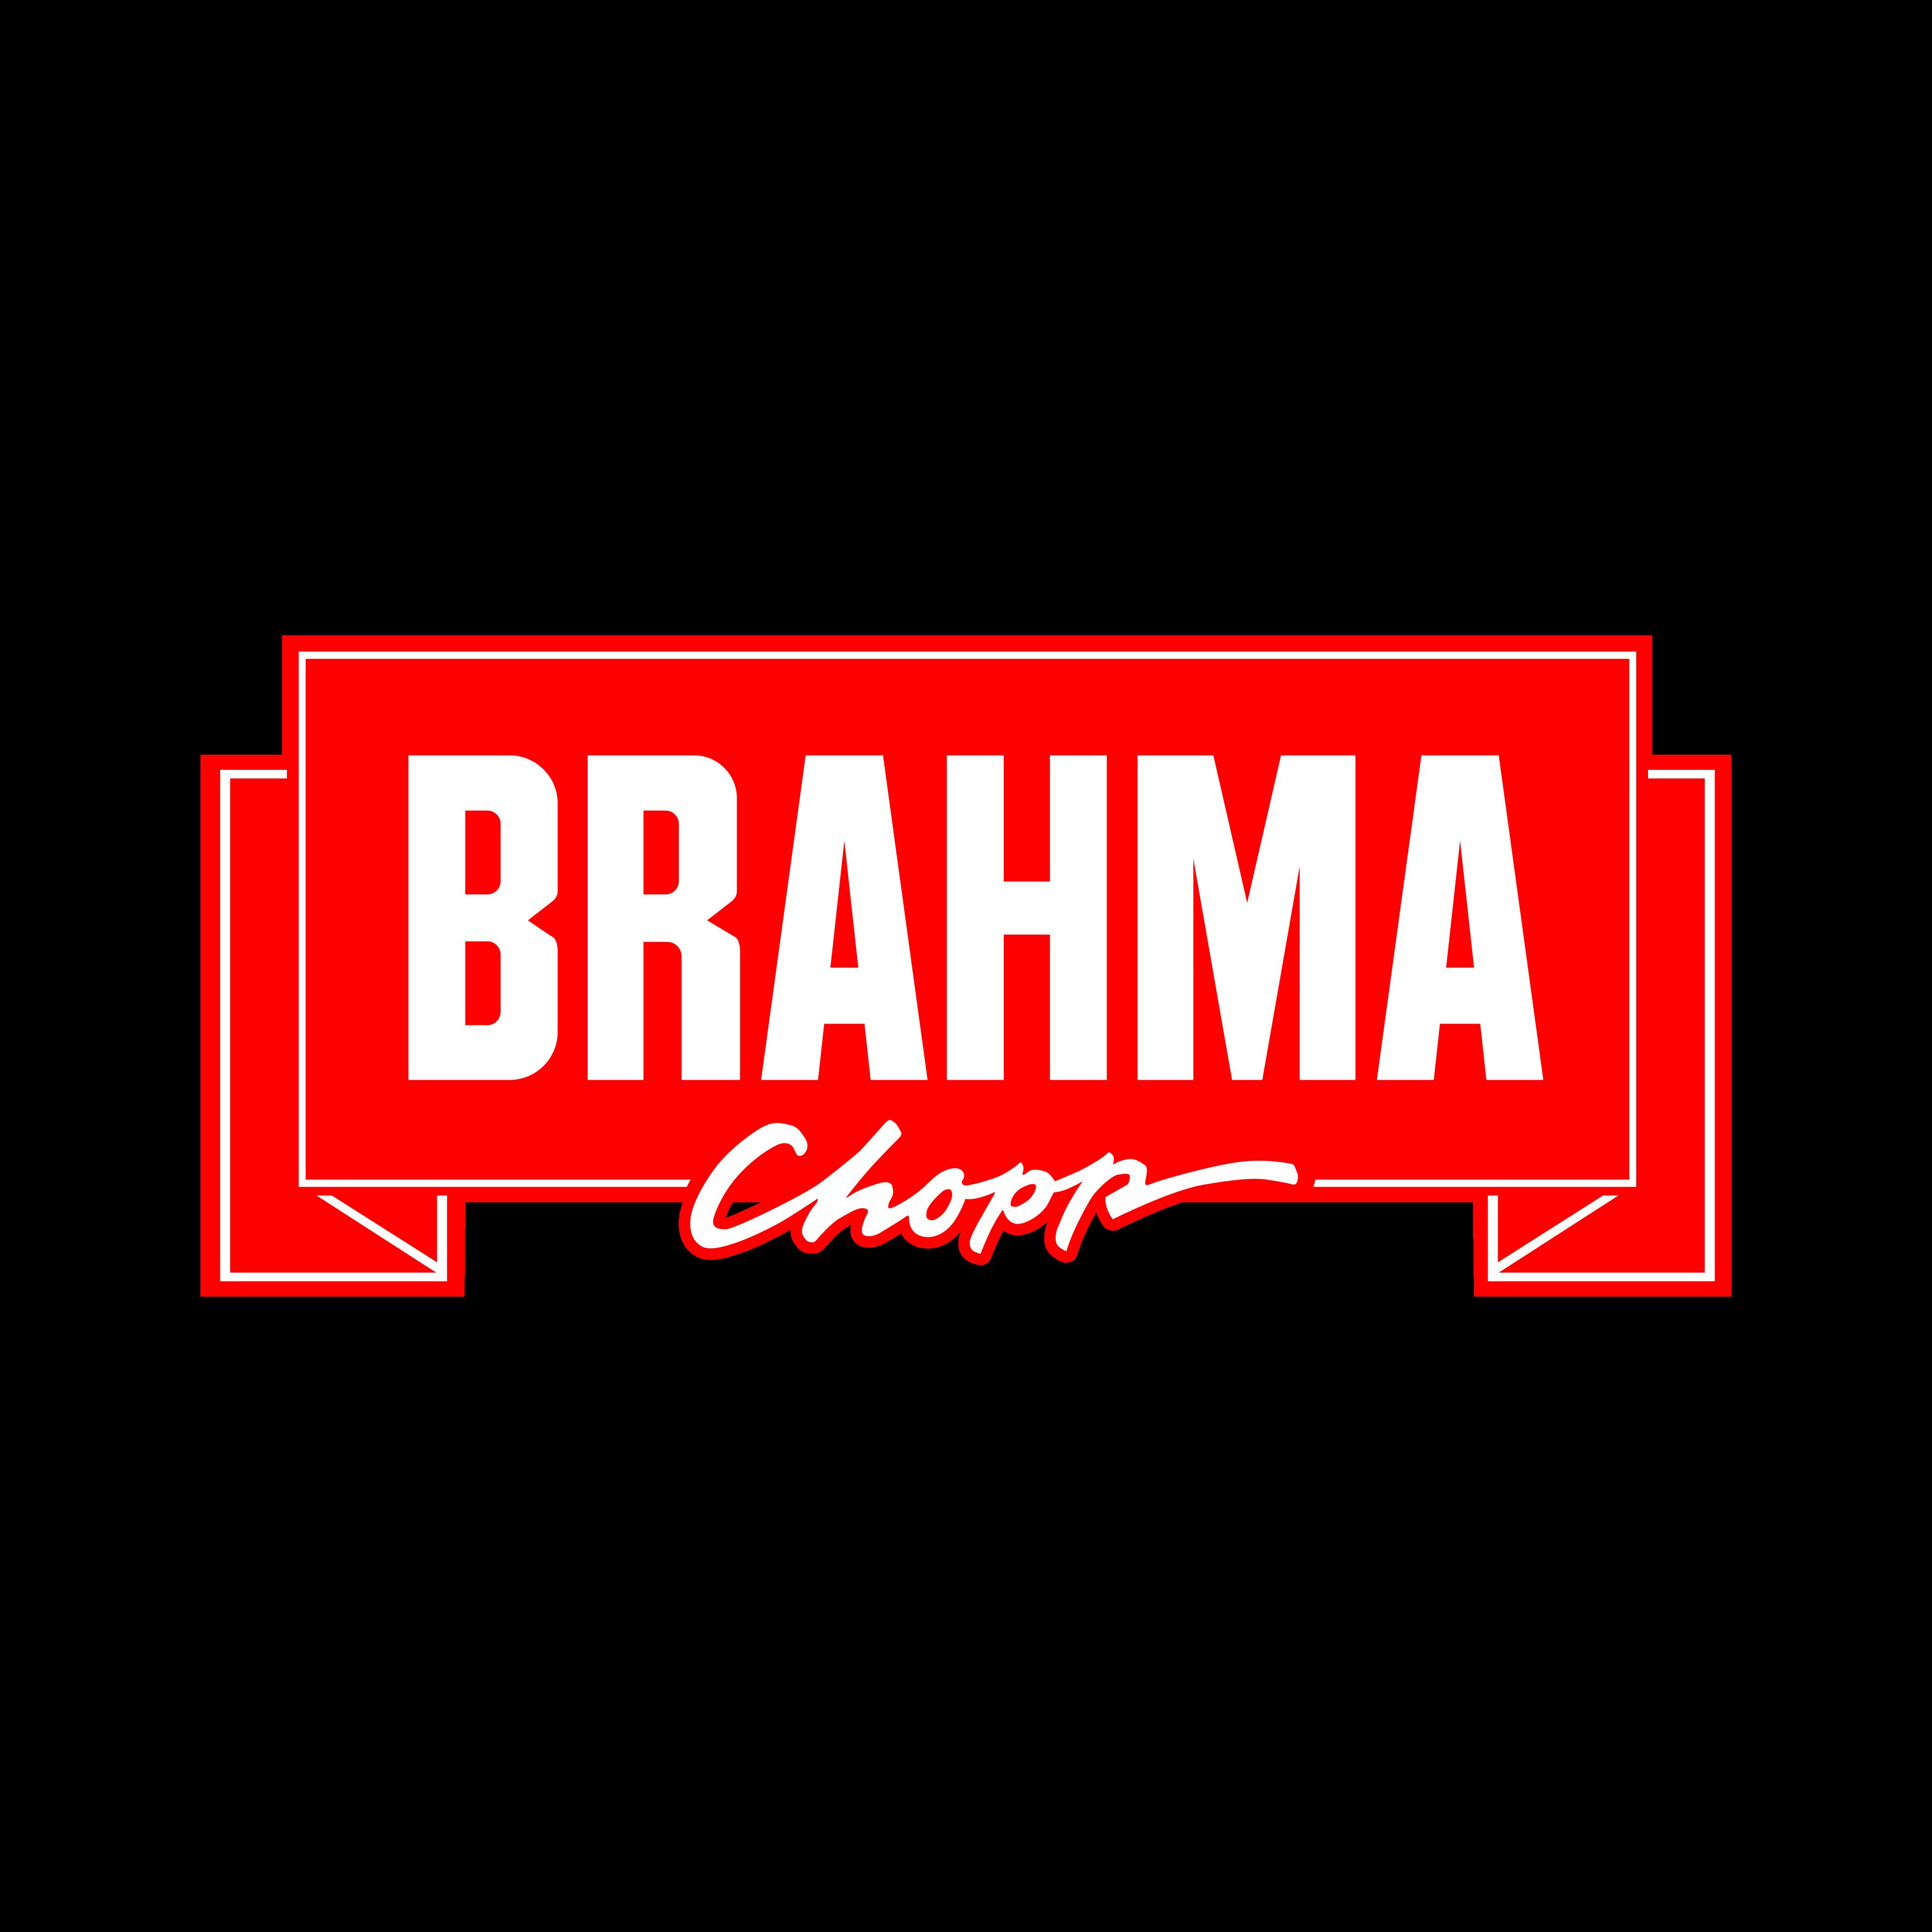 brahma logo 0 - Brahma Logo